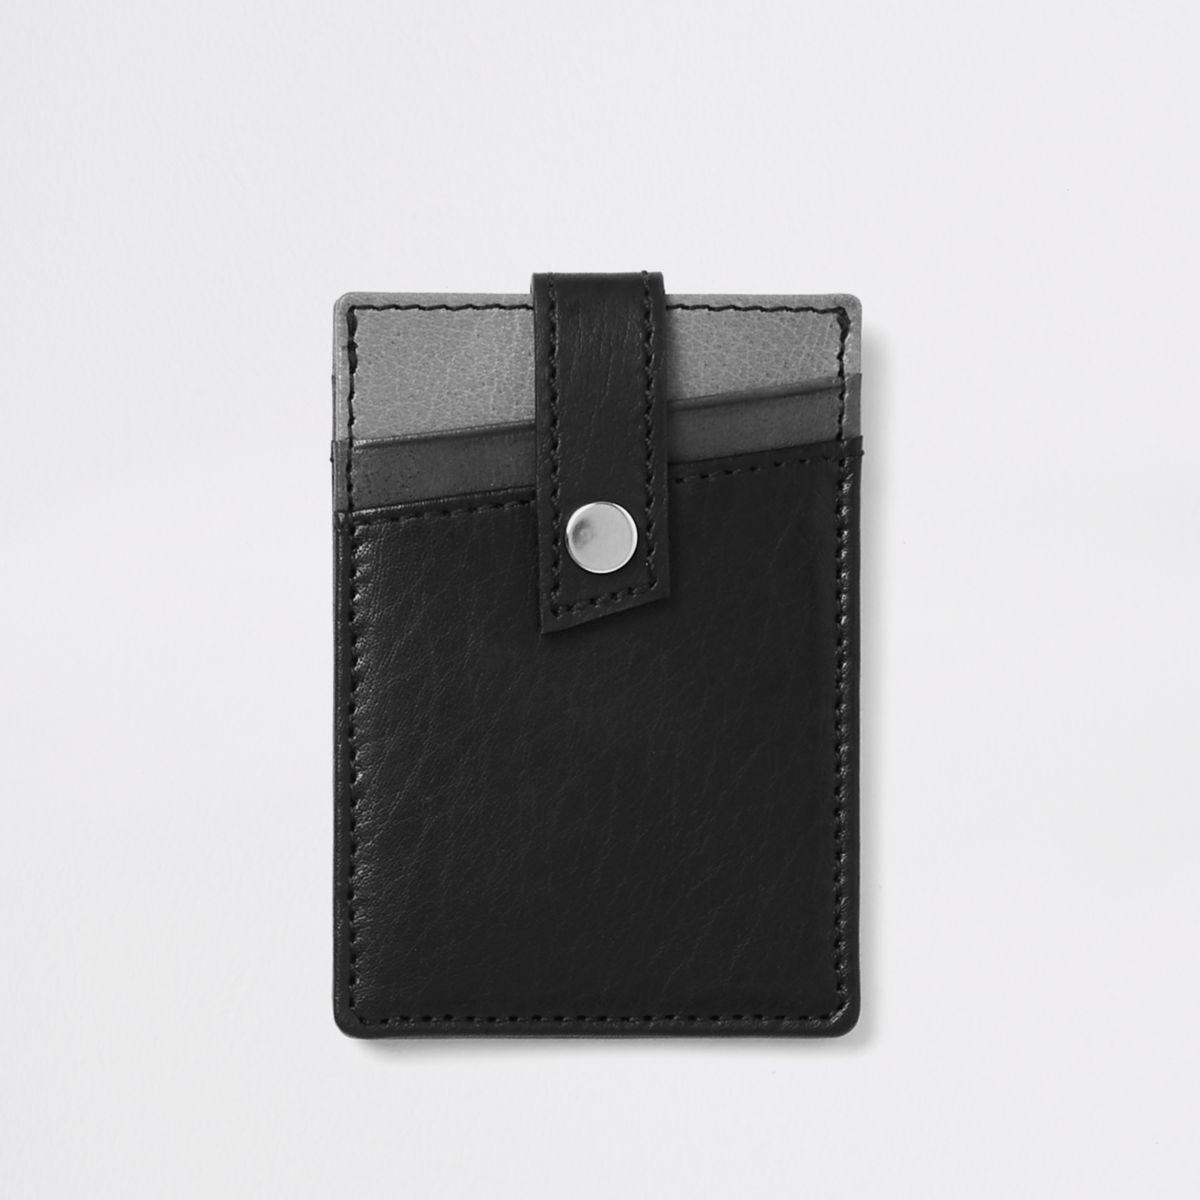 Black wallet holder